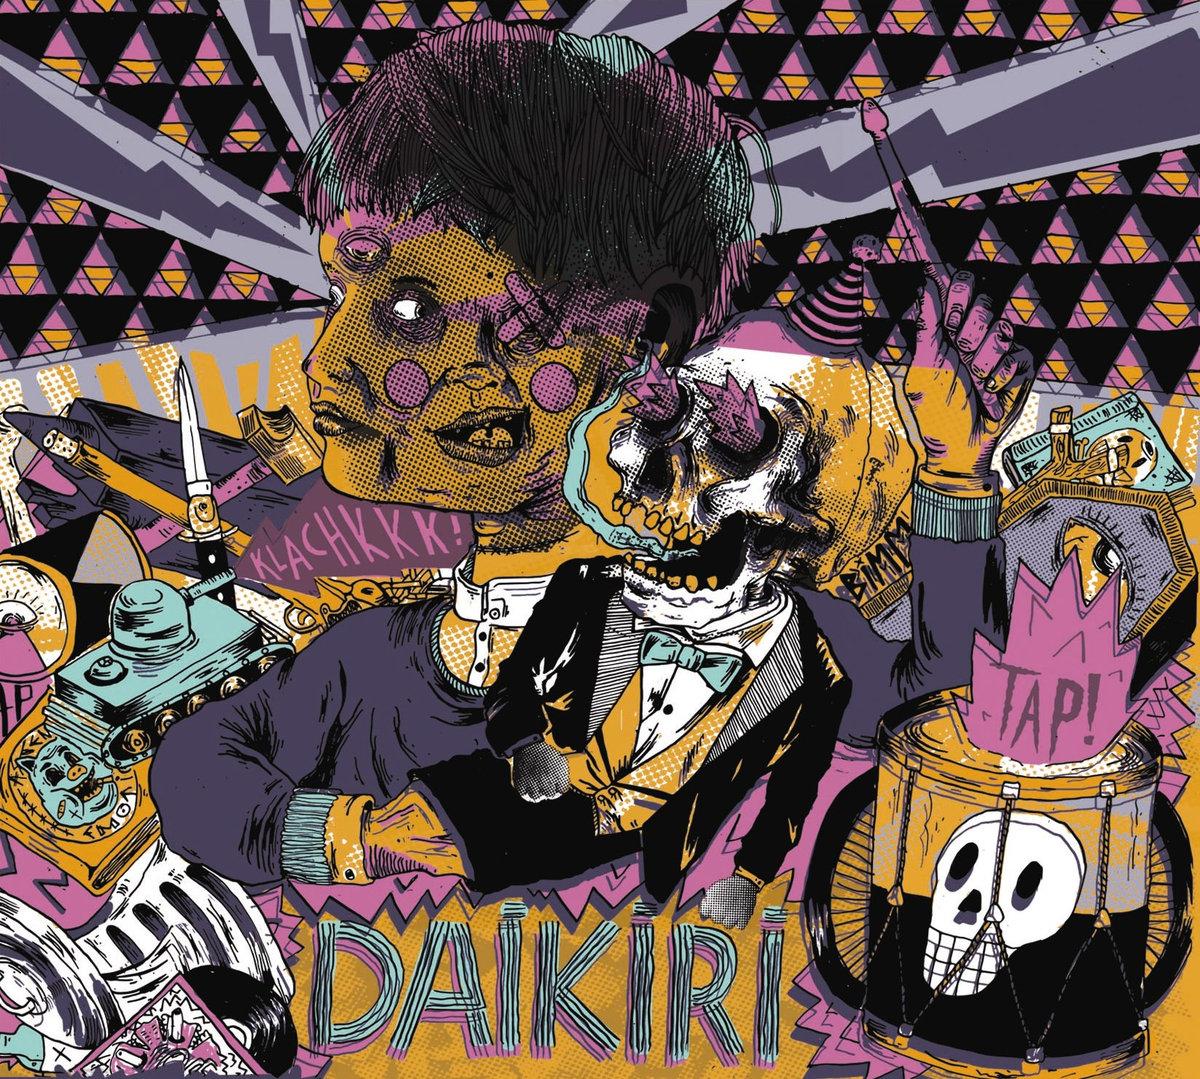 DAIKIRI - Dk_02